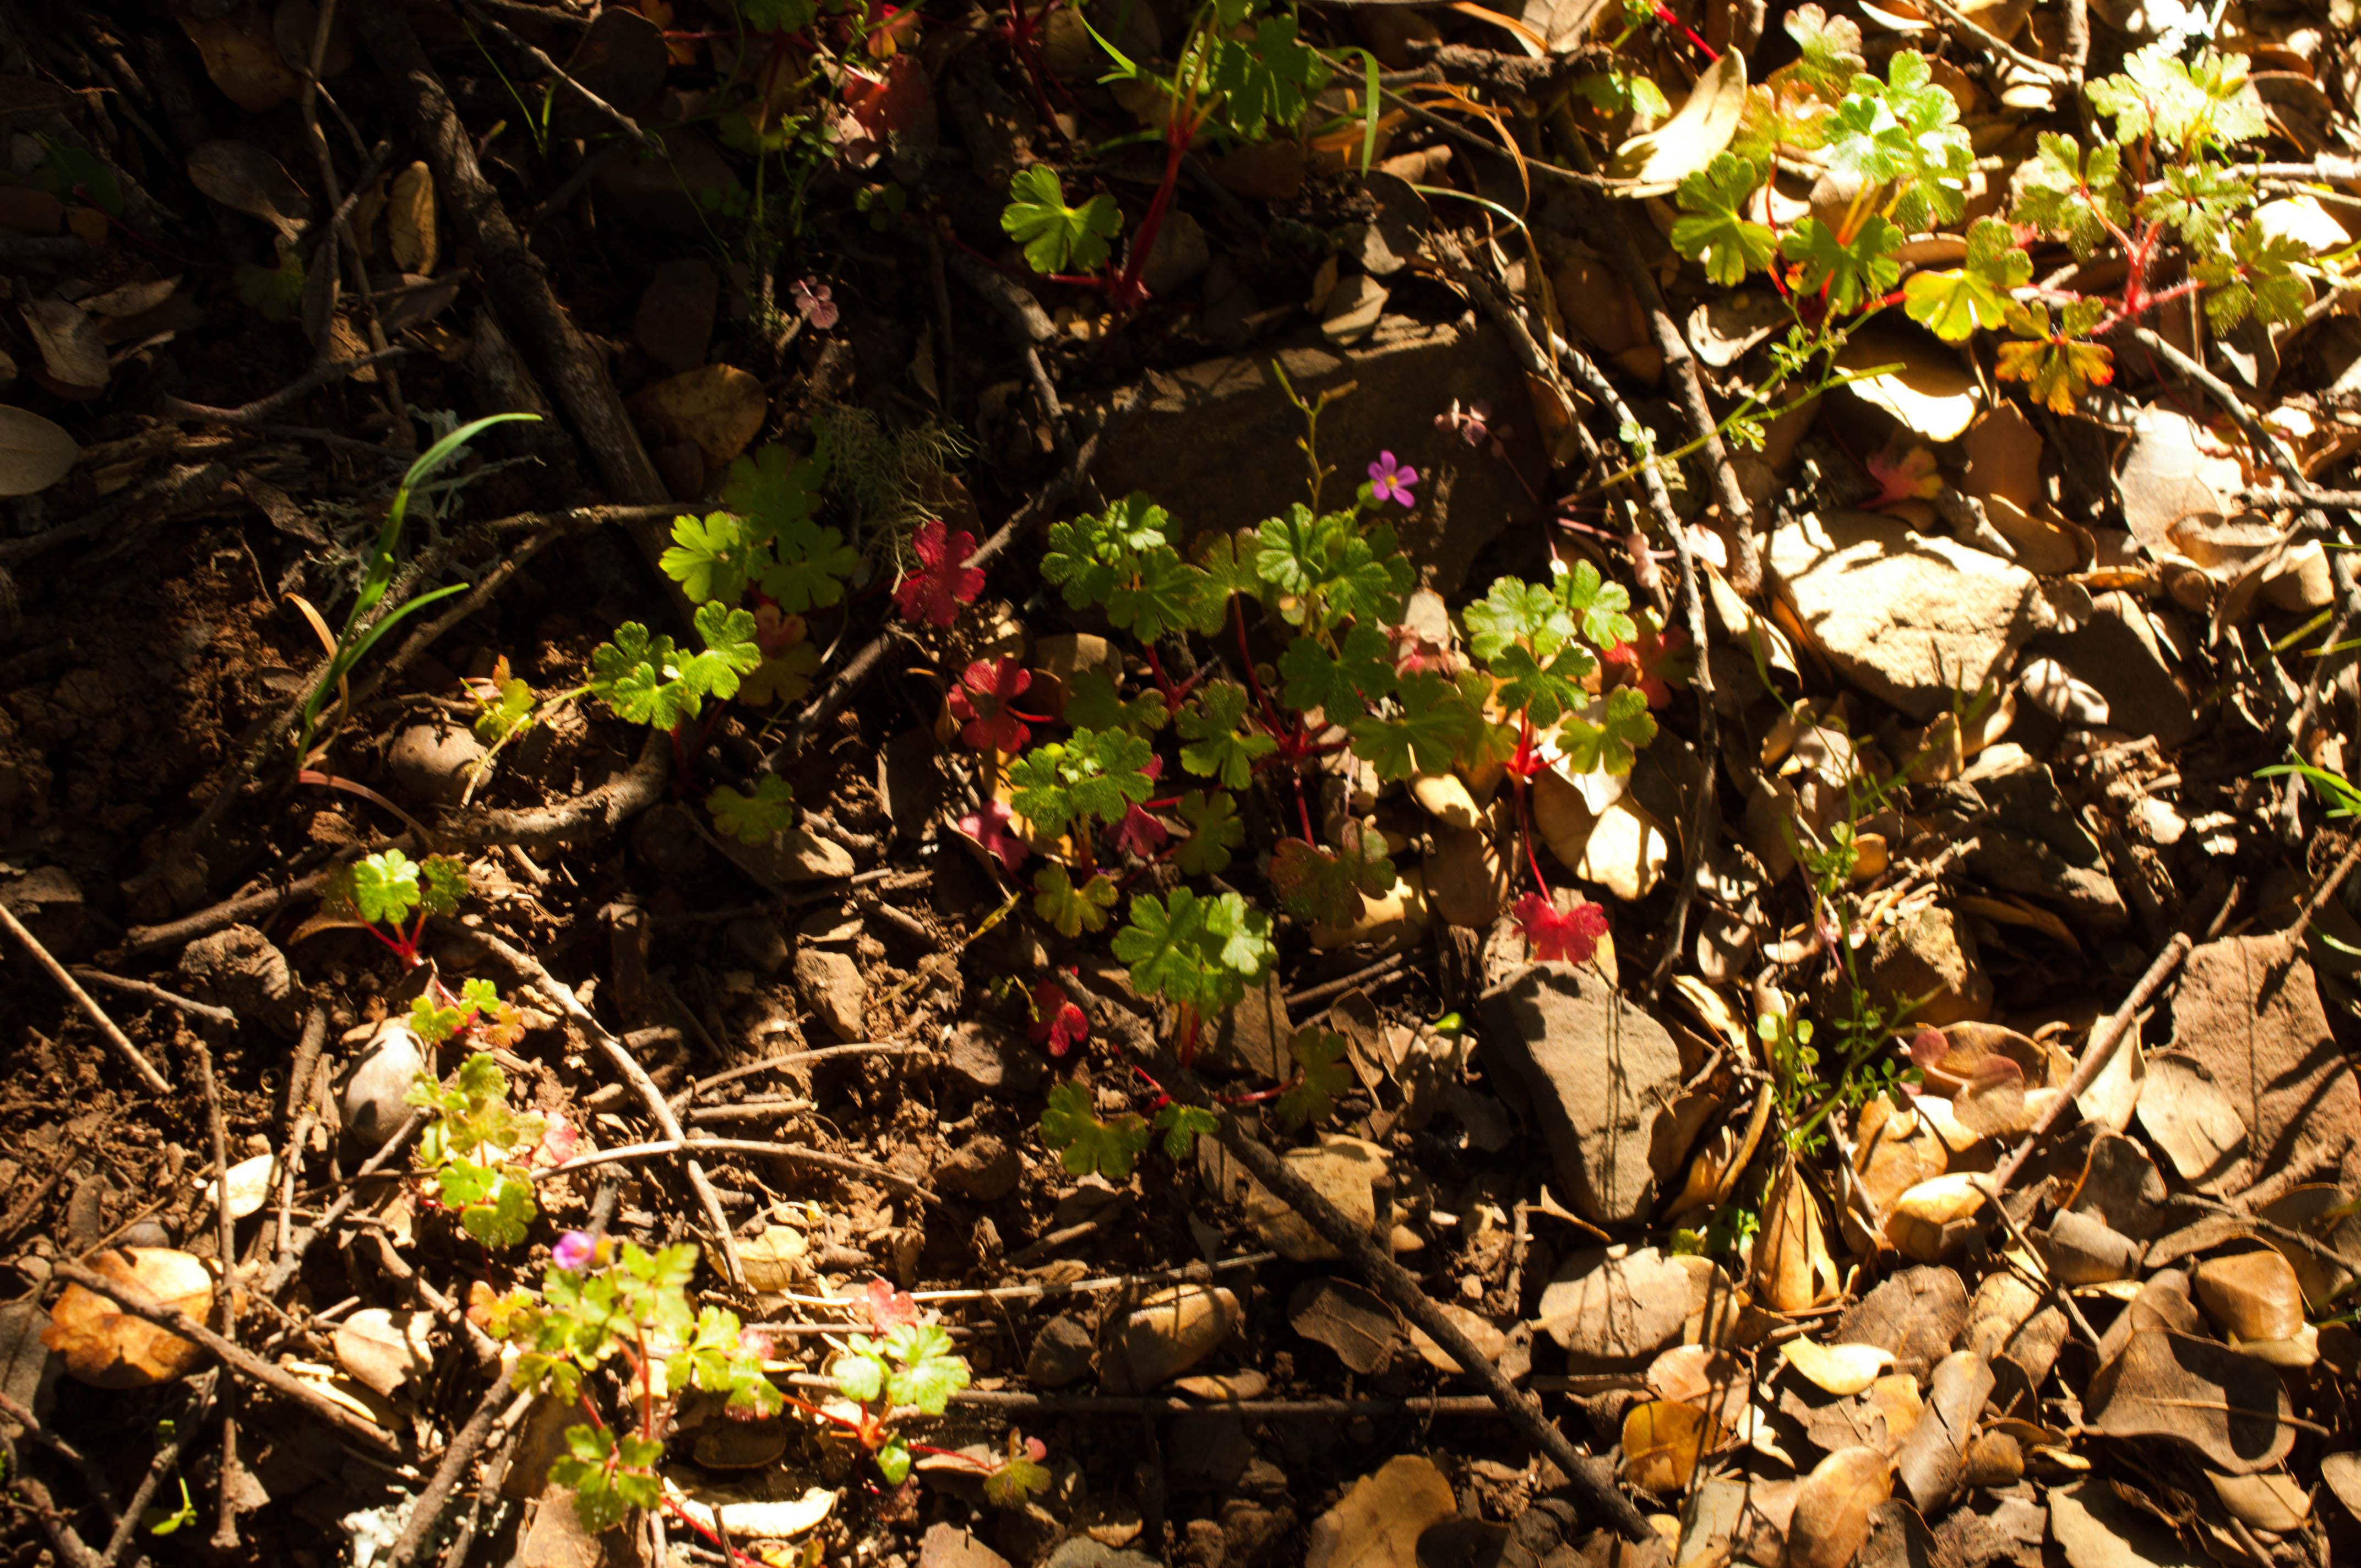 Geranium rotundifolium Las Obreras de Aliste CB Artesanos de la Miel Aliste Gallegos del Campo Artesanos de la Miel